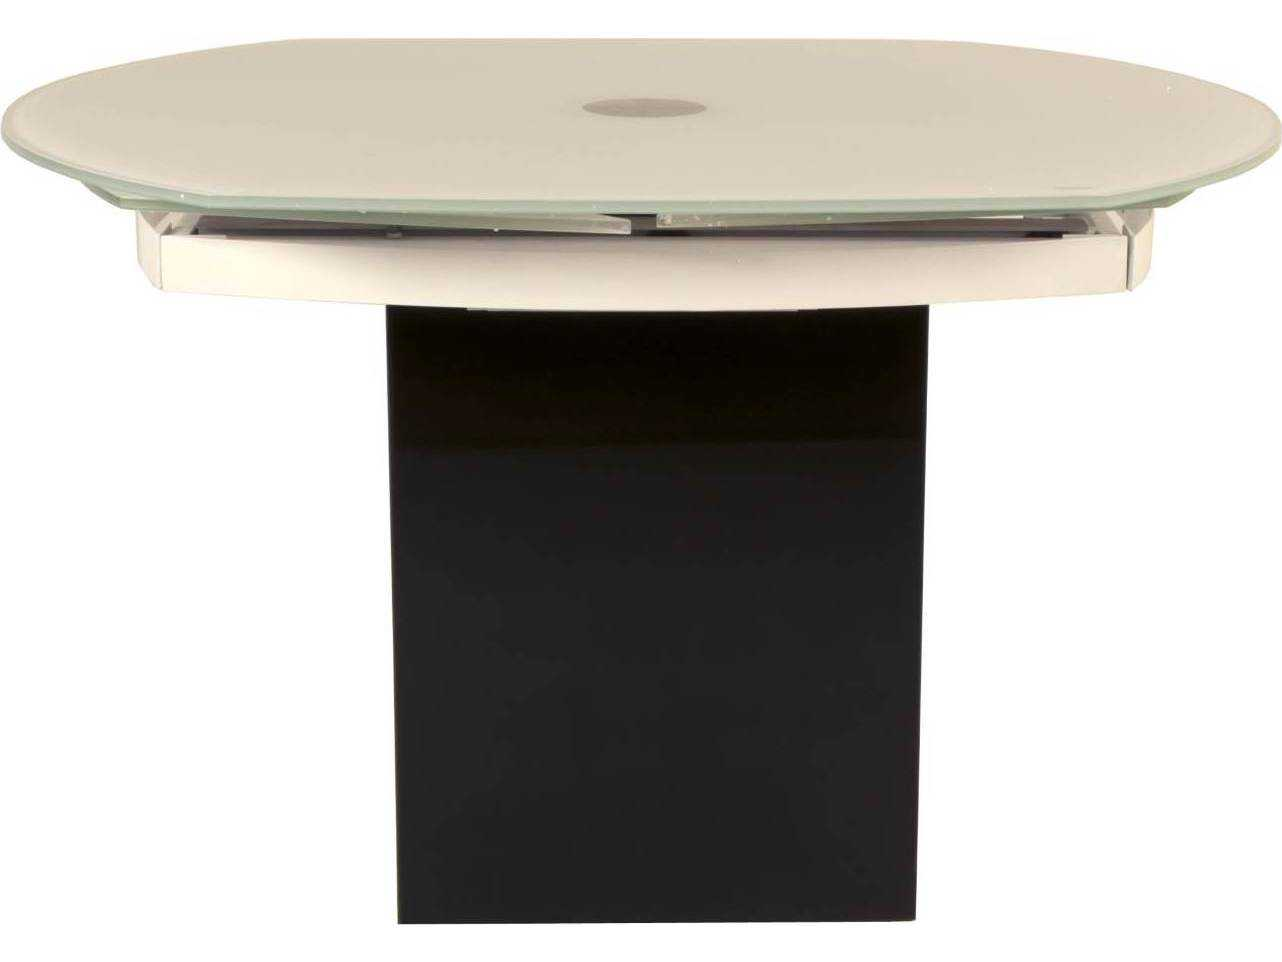 Star International Furniture Ritz Era Super White Glass With Matte White Granite 47 5 39 39 X 39 5